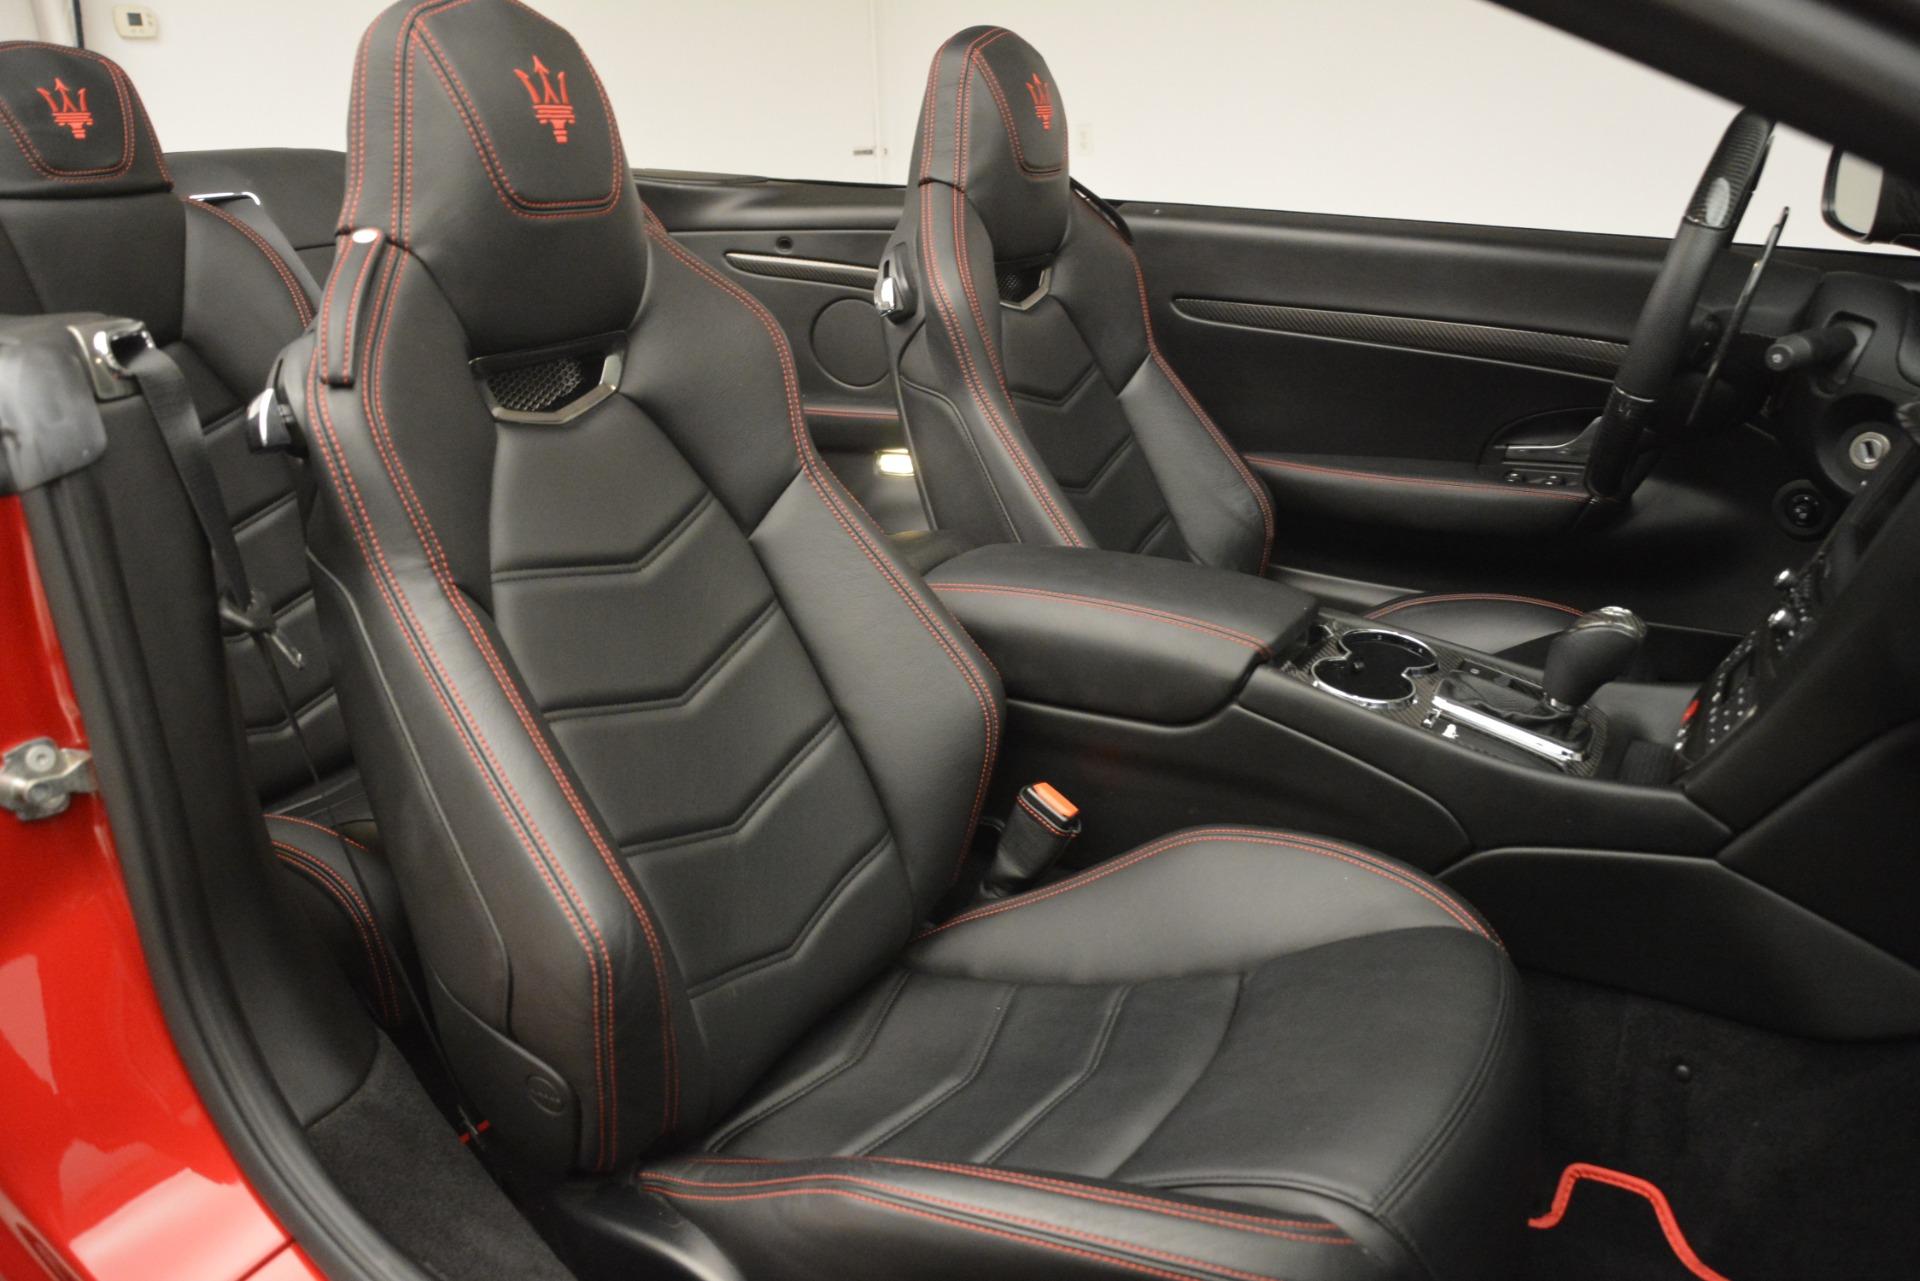 Used 2015 Maserati GranTurismo MC For Sale In Greenwich, CT 3197_p27